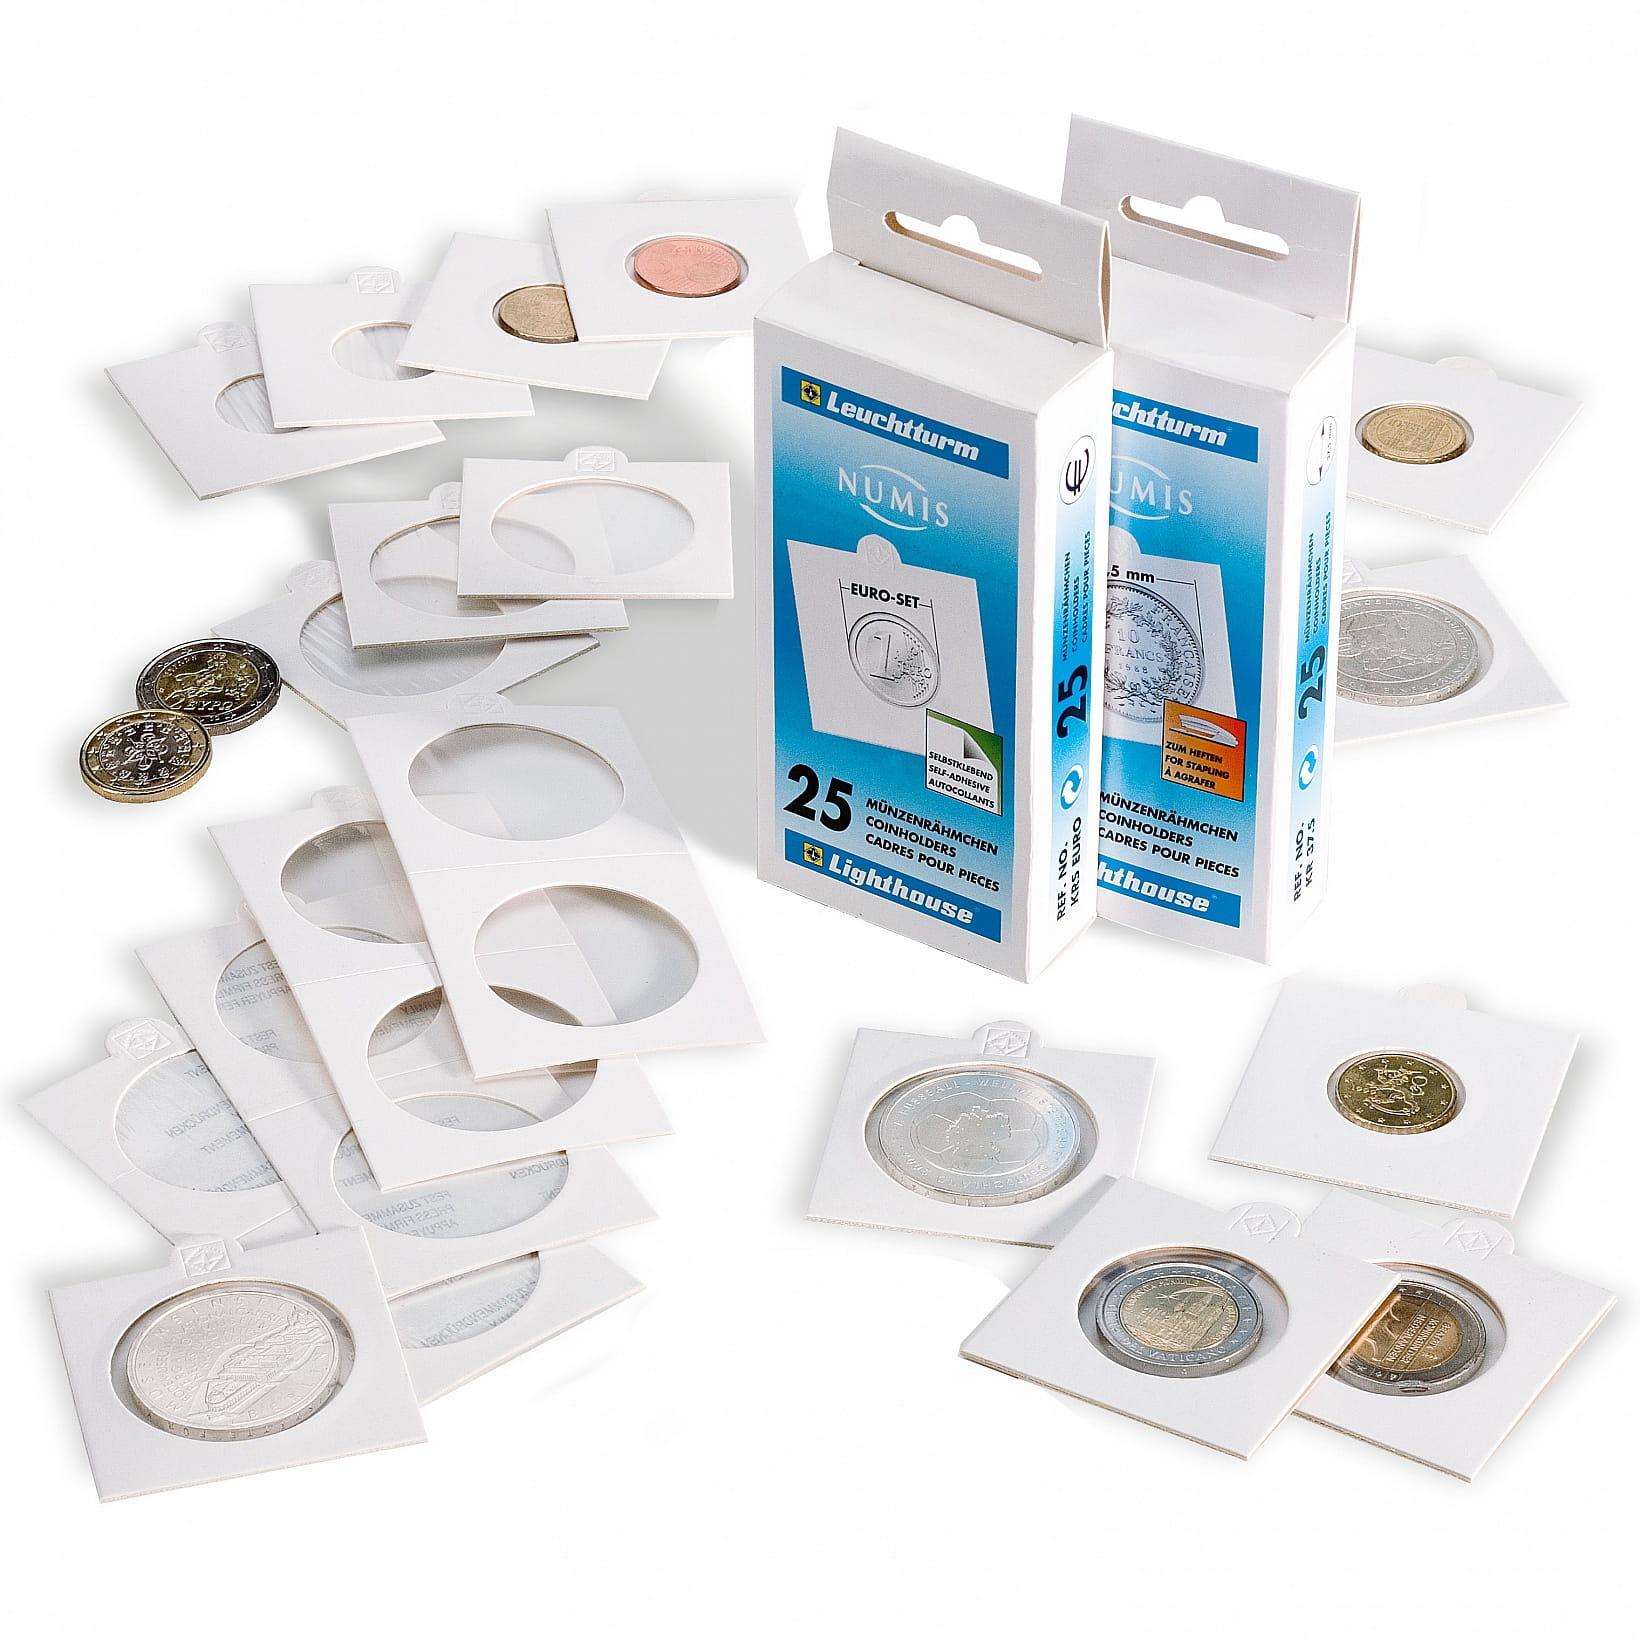 Holdery na monety - średnica 25 mm (25 szt)